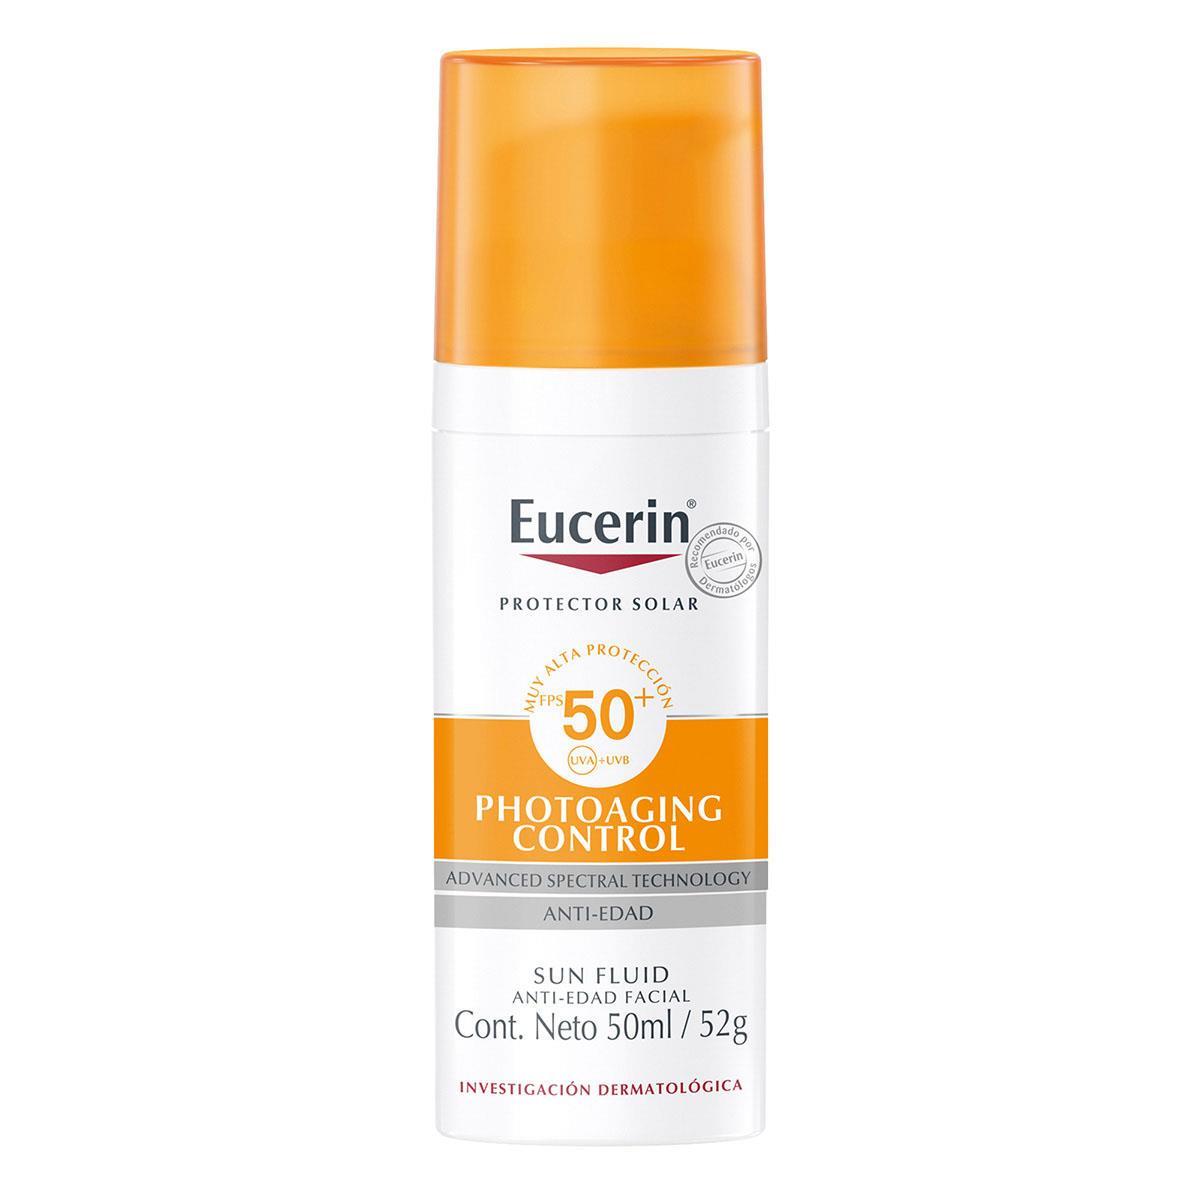 Comprar Eucerin Sun Fluido Anti-Age Face Fps 50 1 Frasco Fluido 50 Ml